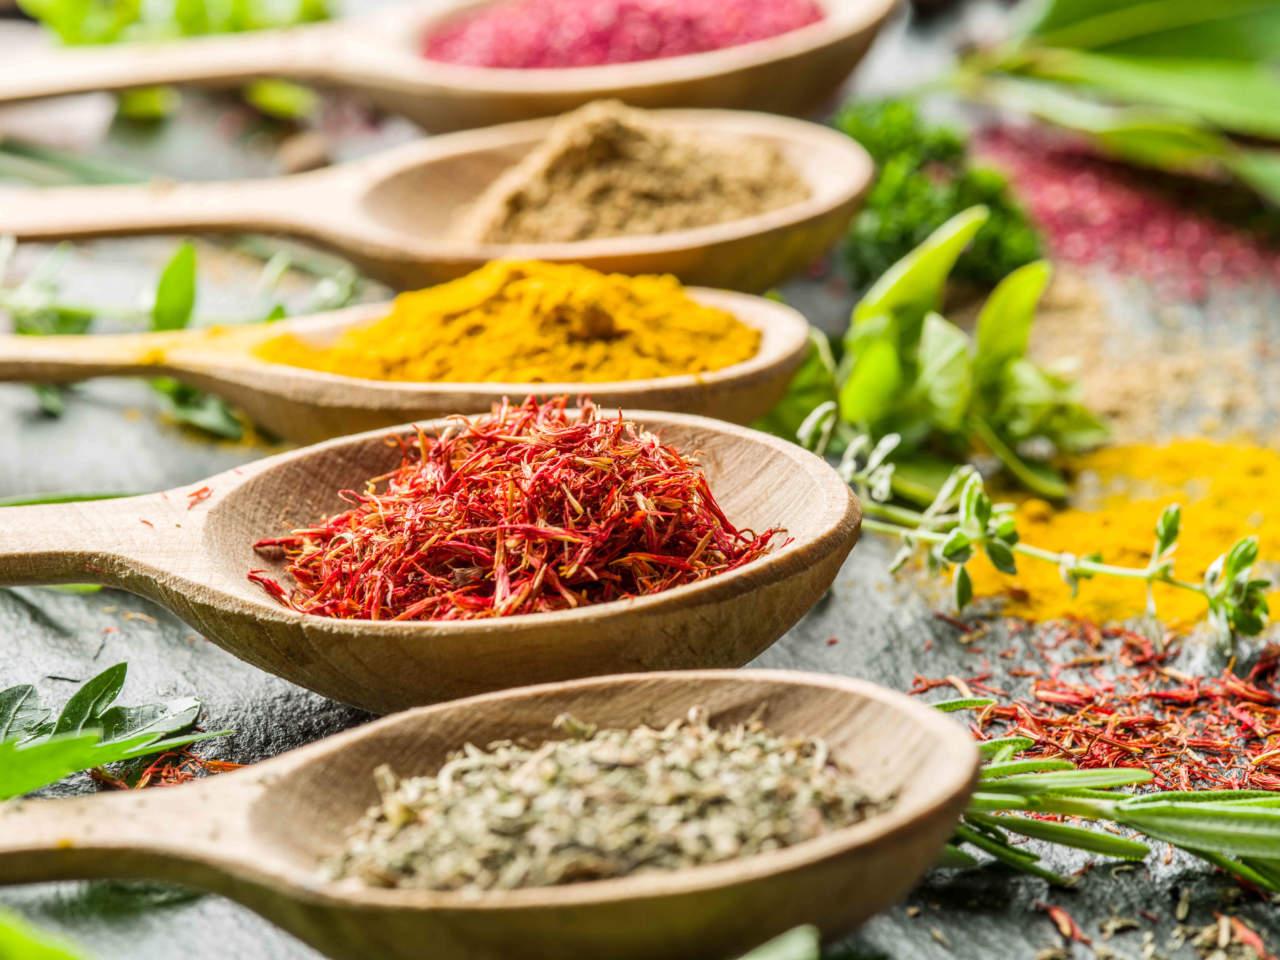 Pi snelli con le spezie cucina naturale - Le spezie in cucina ...